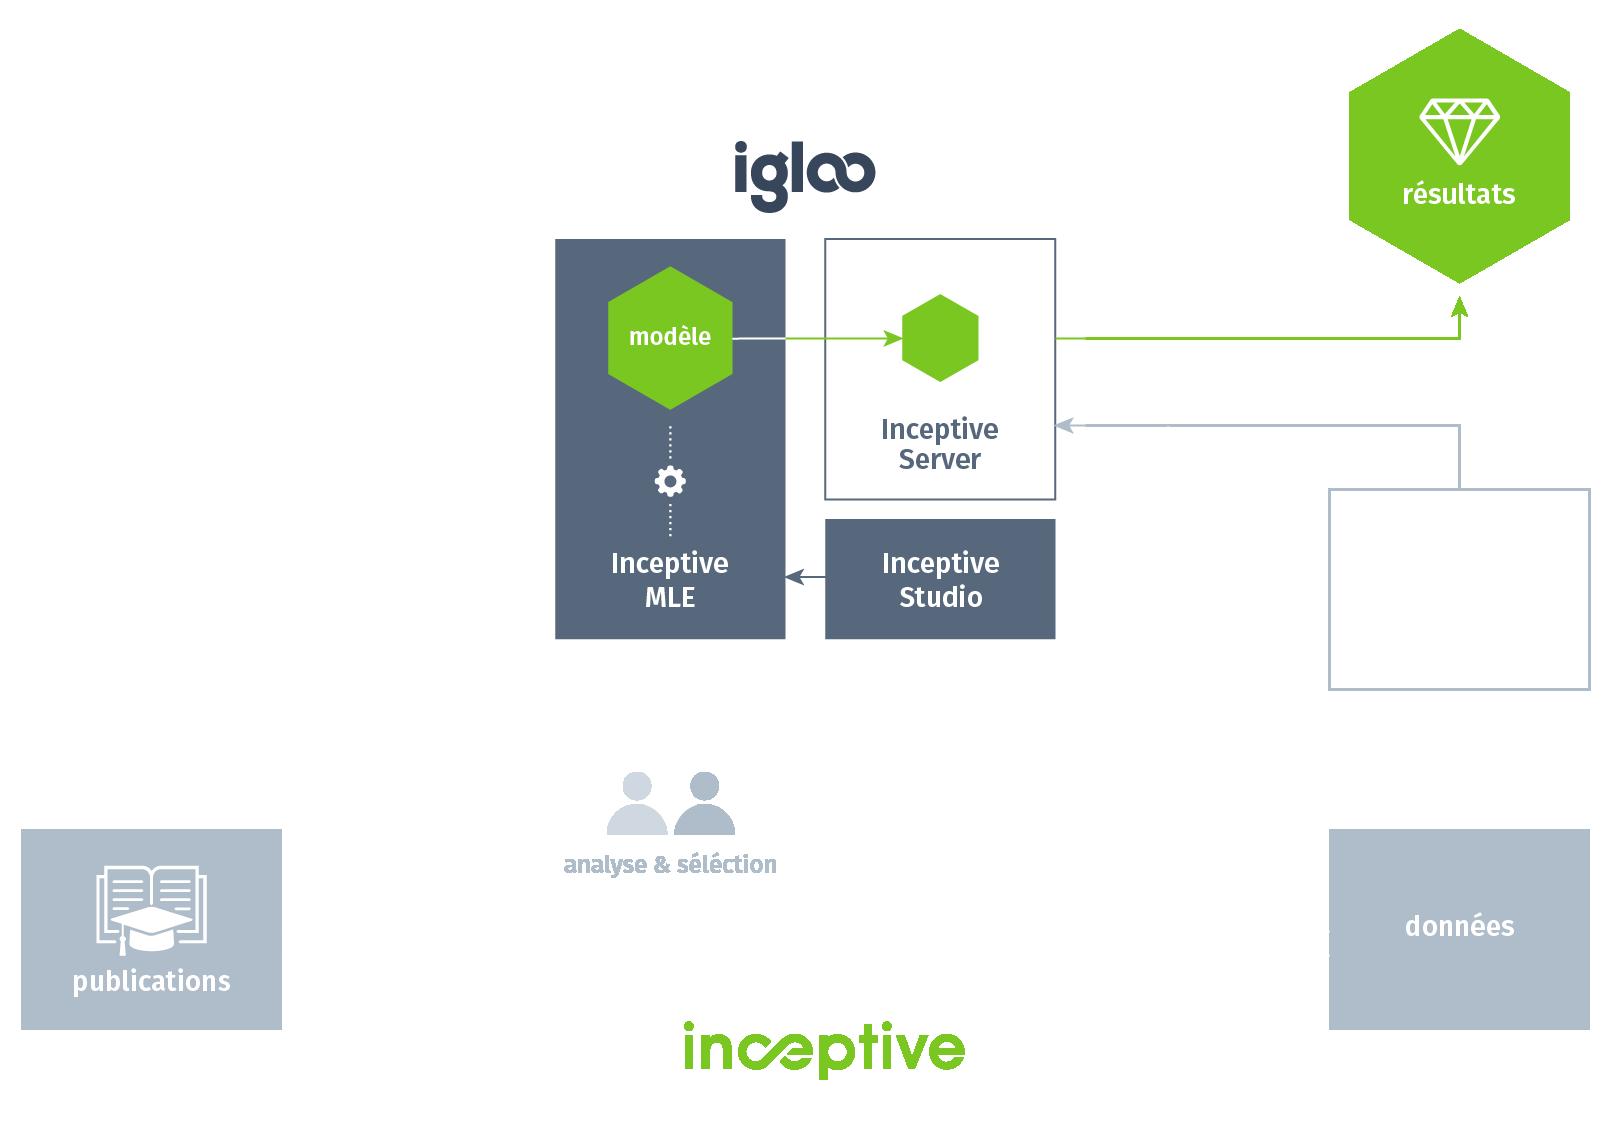 Igloo plateforme propriétaire de Machine Learning. Schéma de fonctionnement